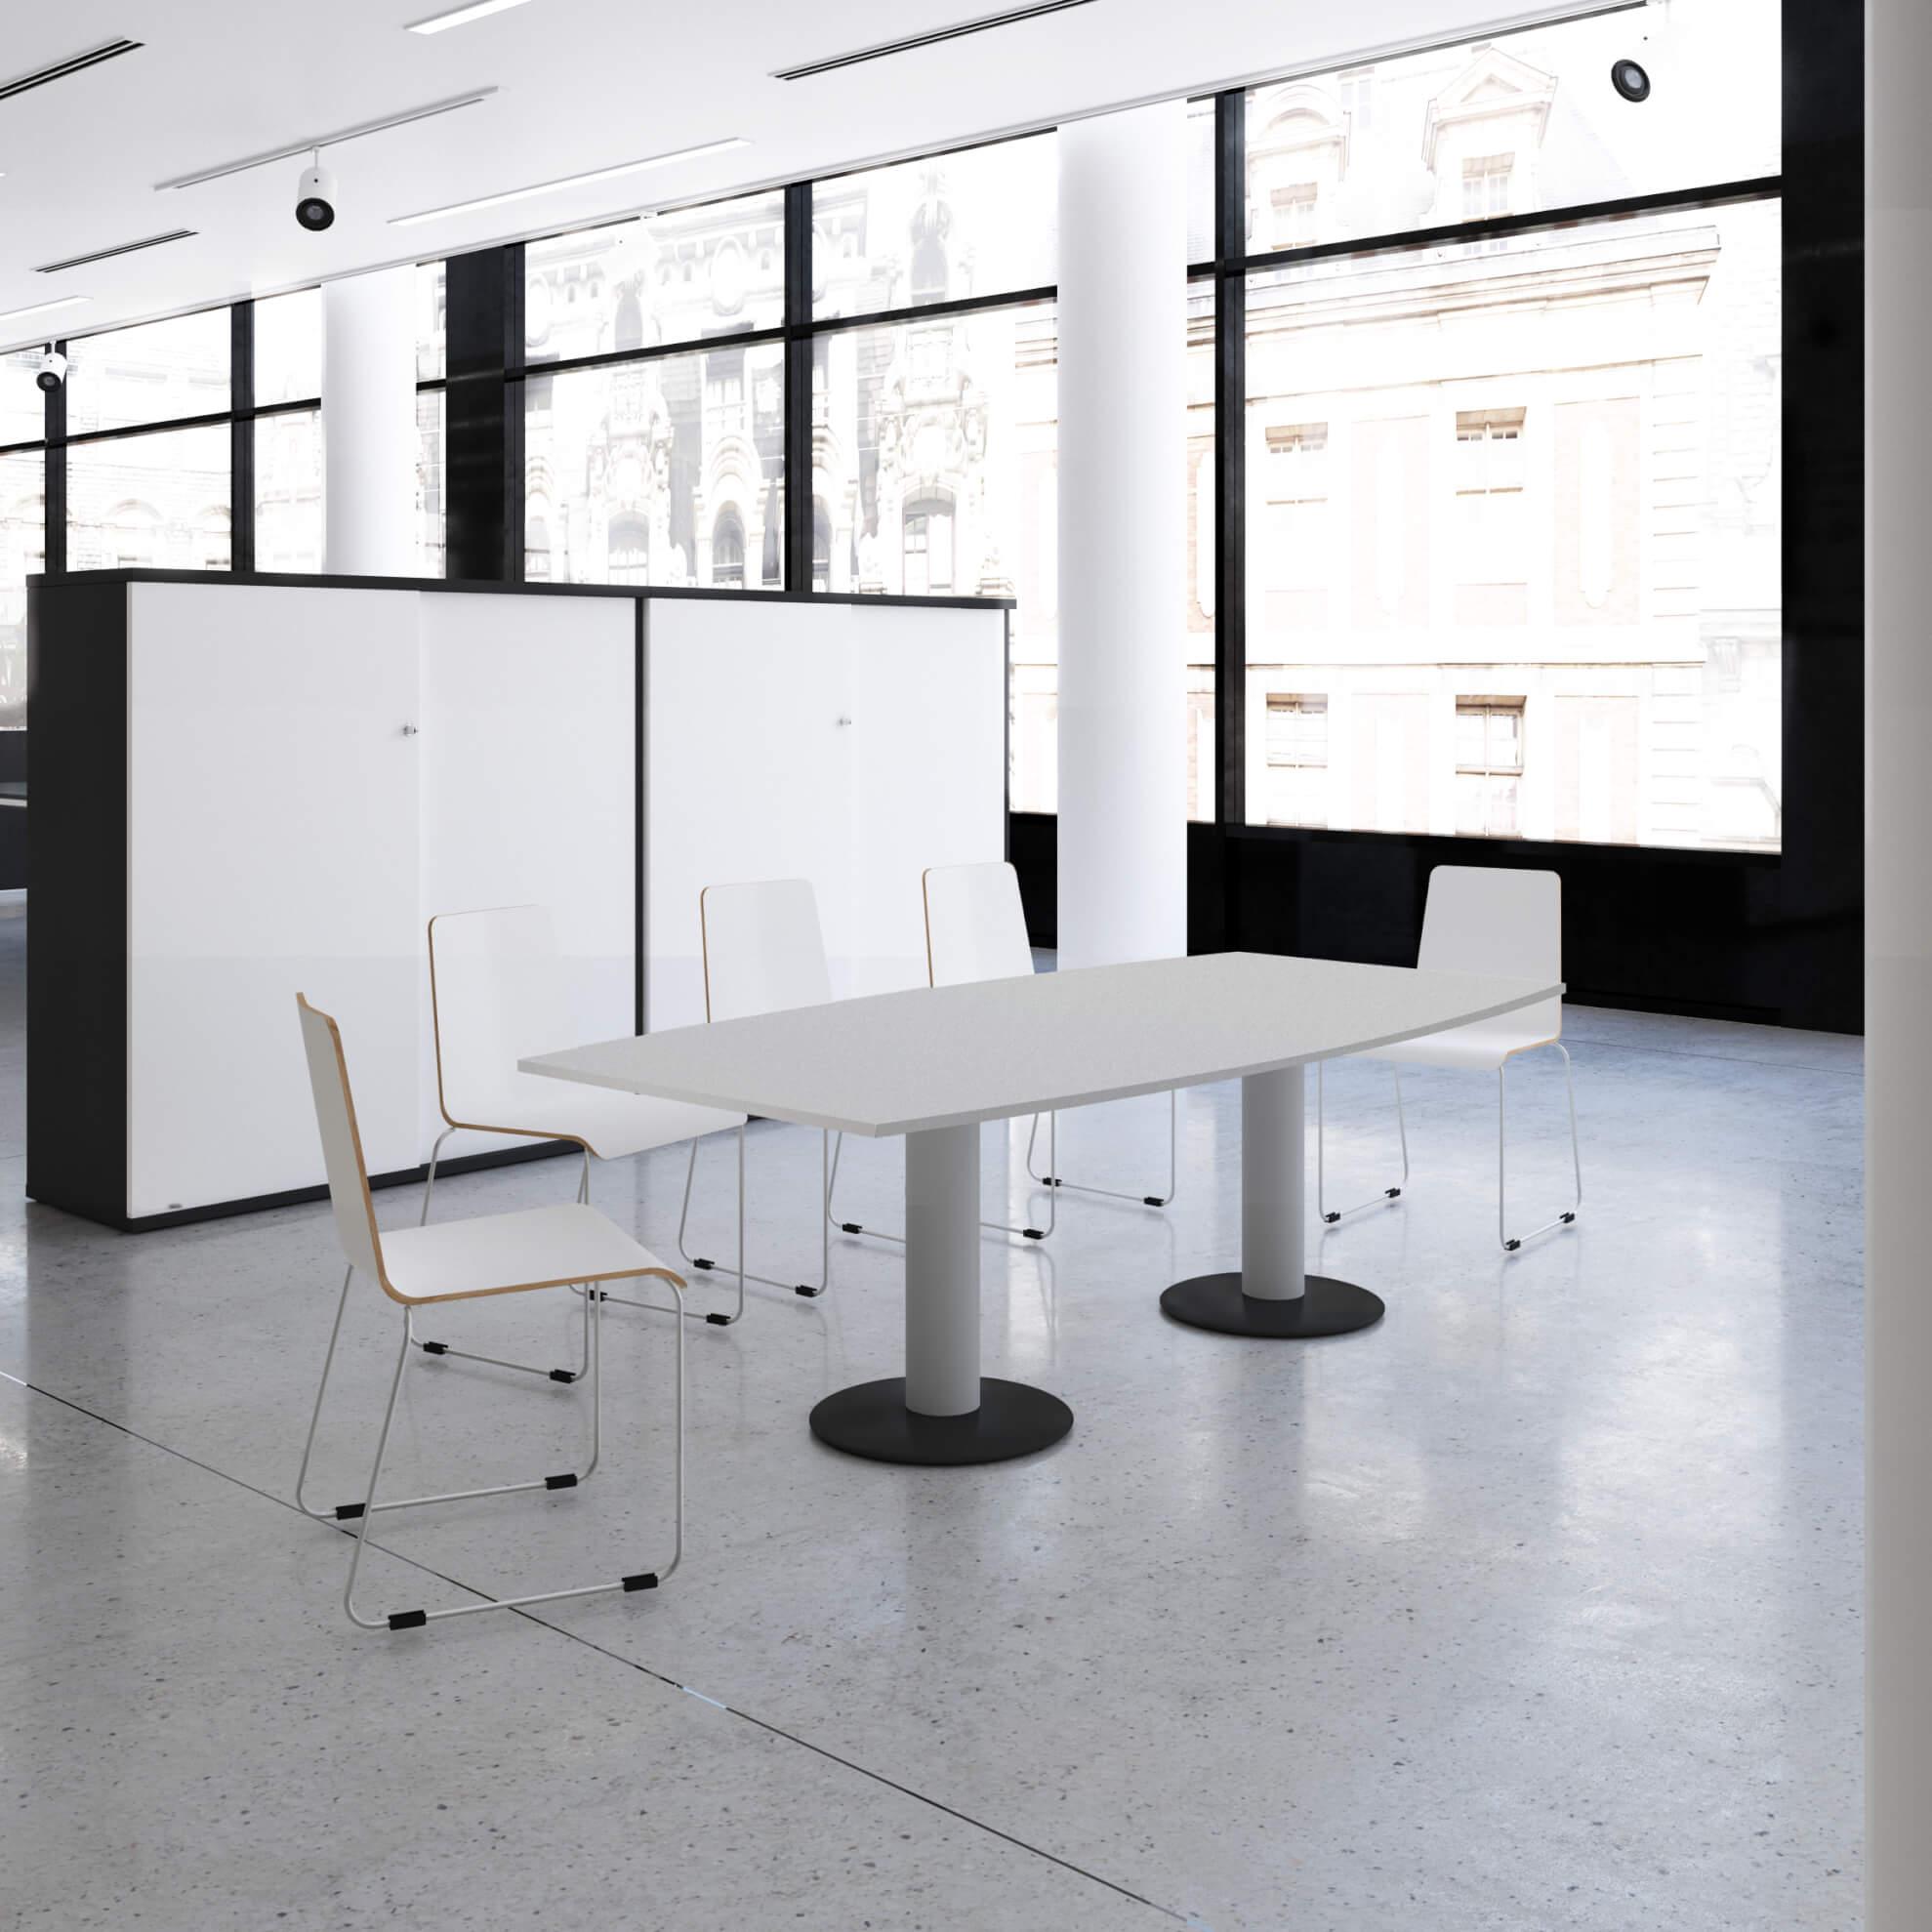 OPTIMA Konferenztisch Bootsform 200x100 cm Besprechungstisch Lichtgrau Tisch Esstisch Küchentisch